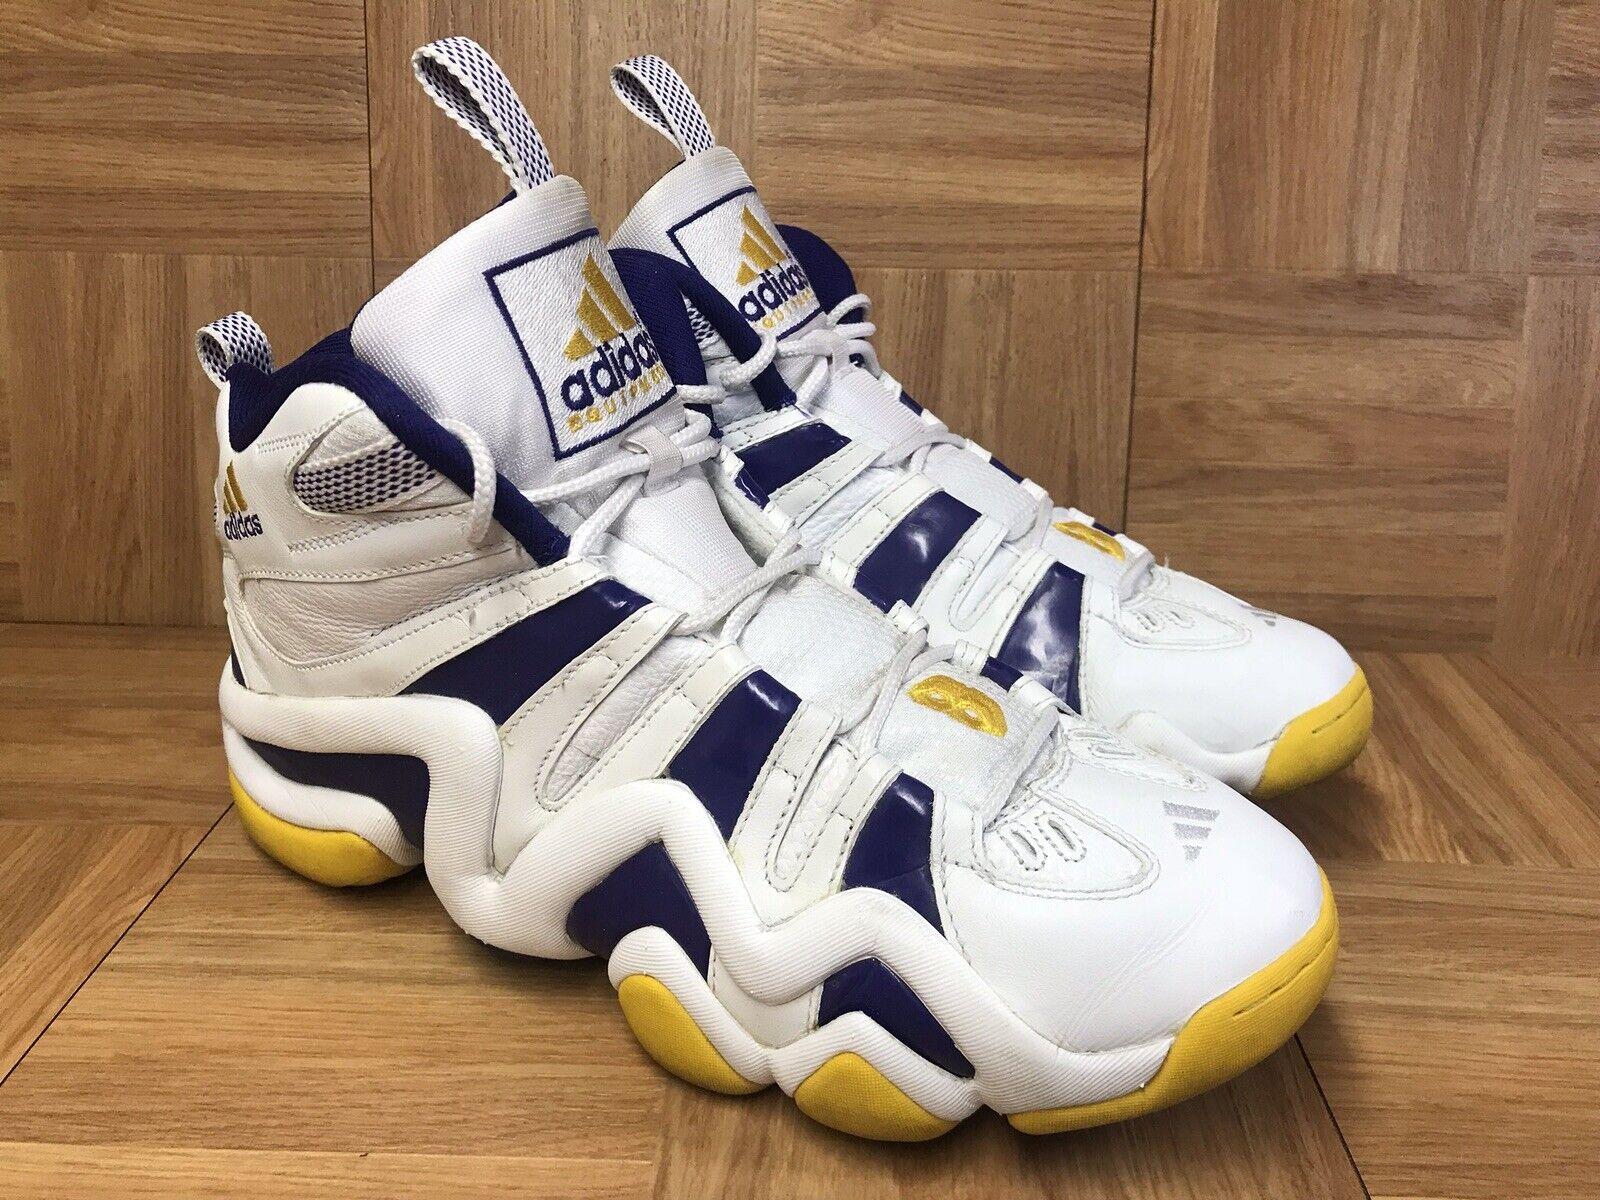 Sz Lakers Sunshine gold 8 Crazy Bryant Kobe Adidas Vintage